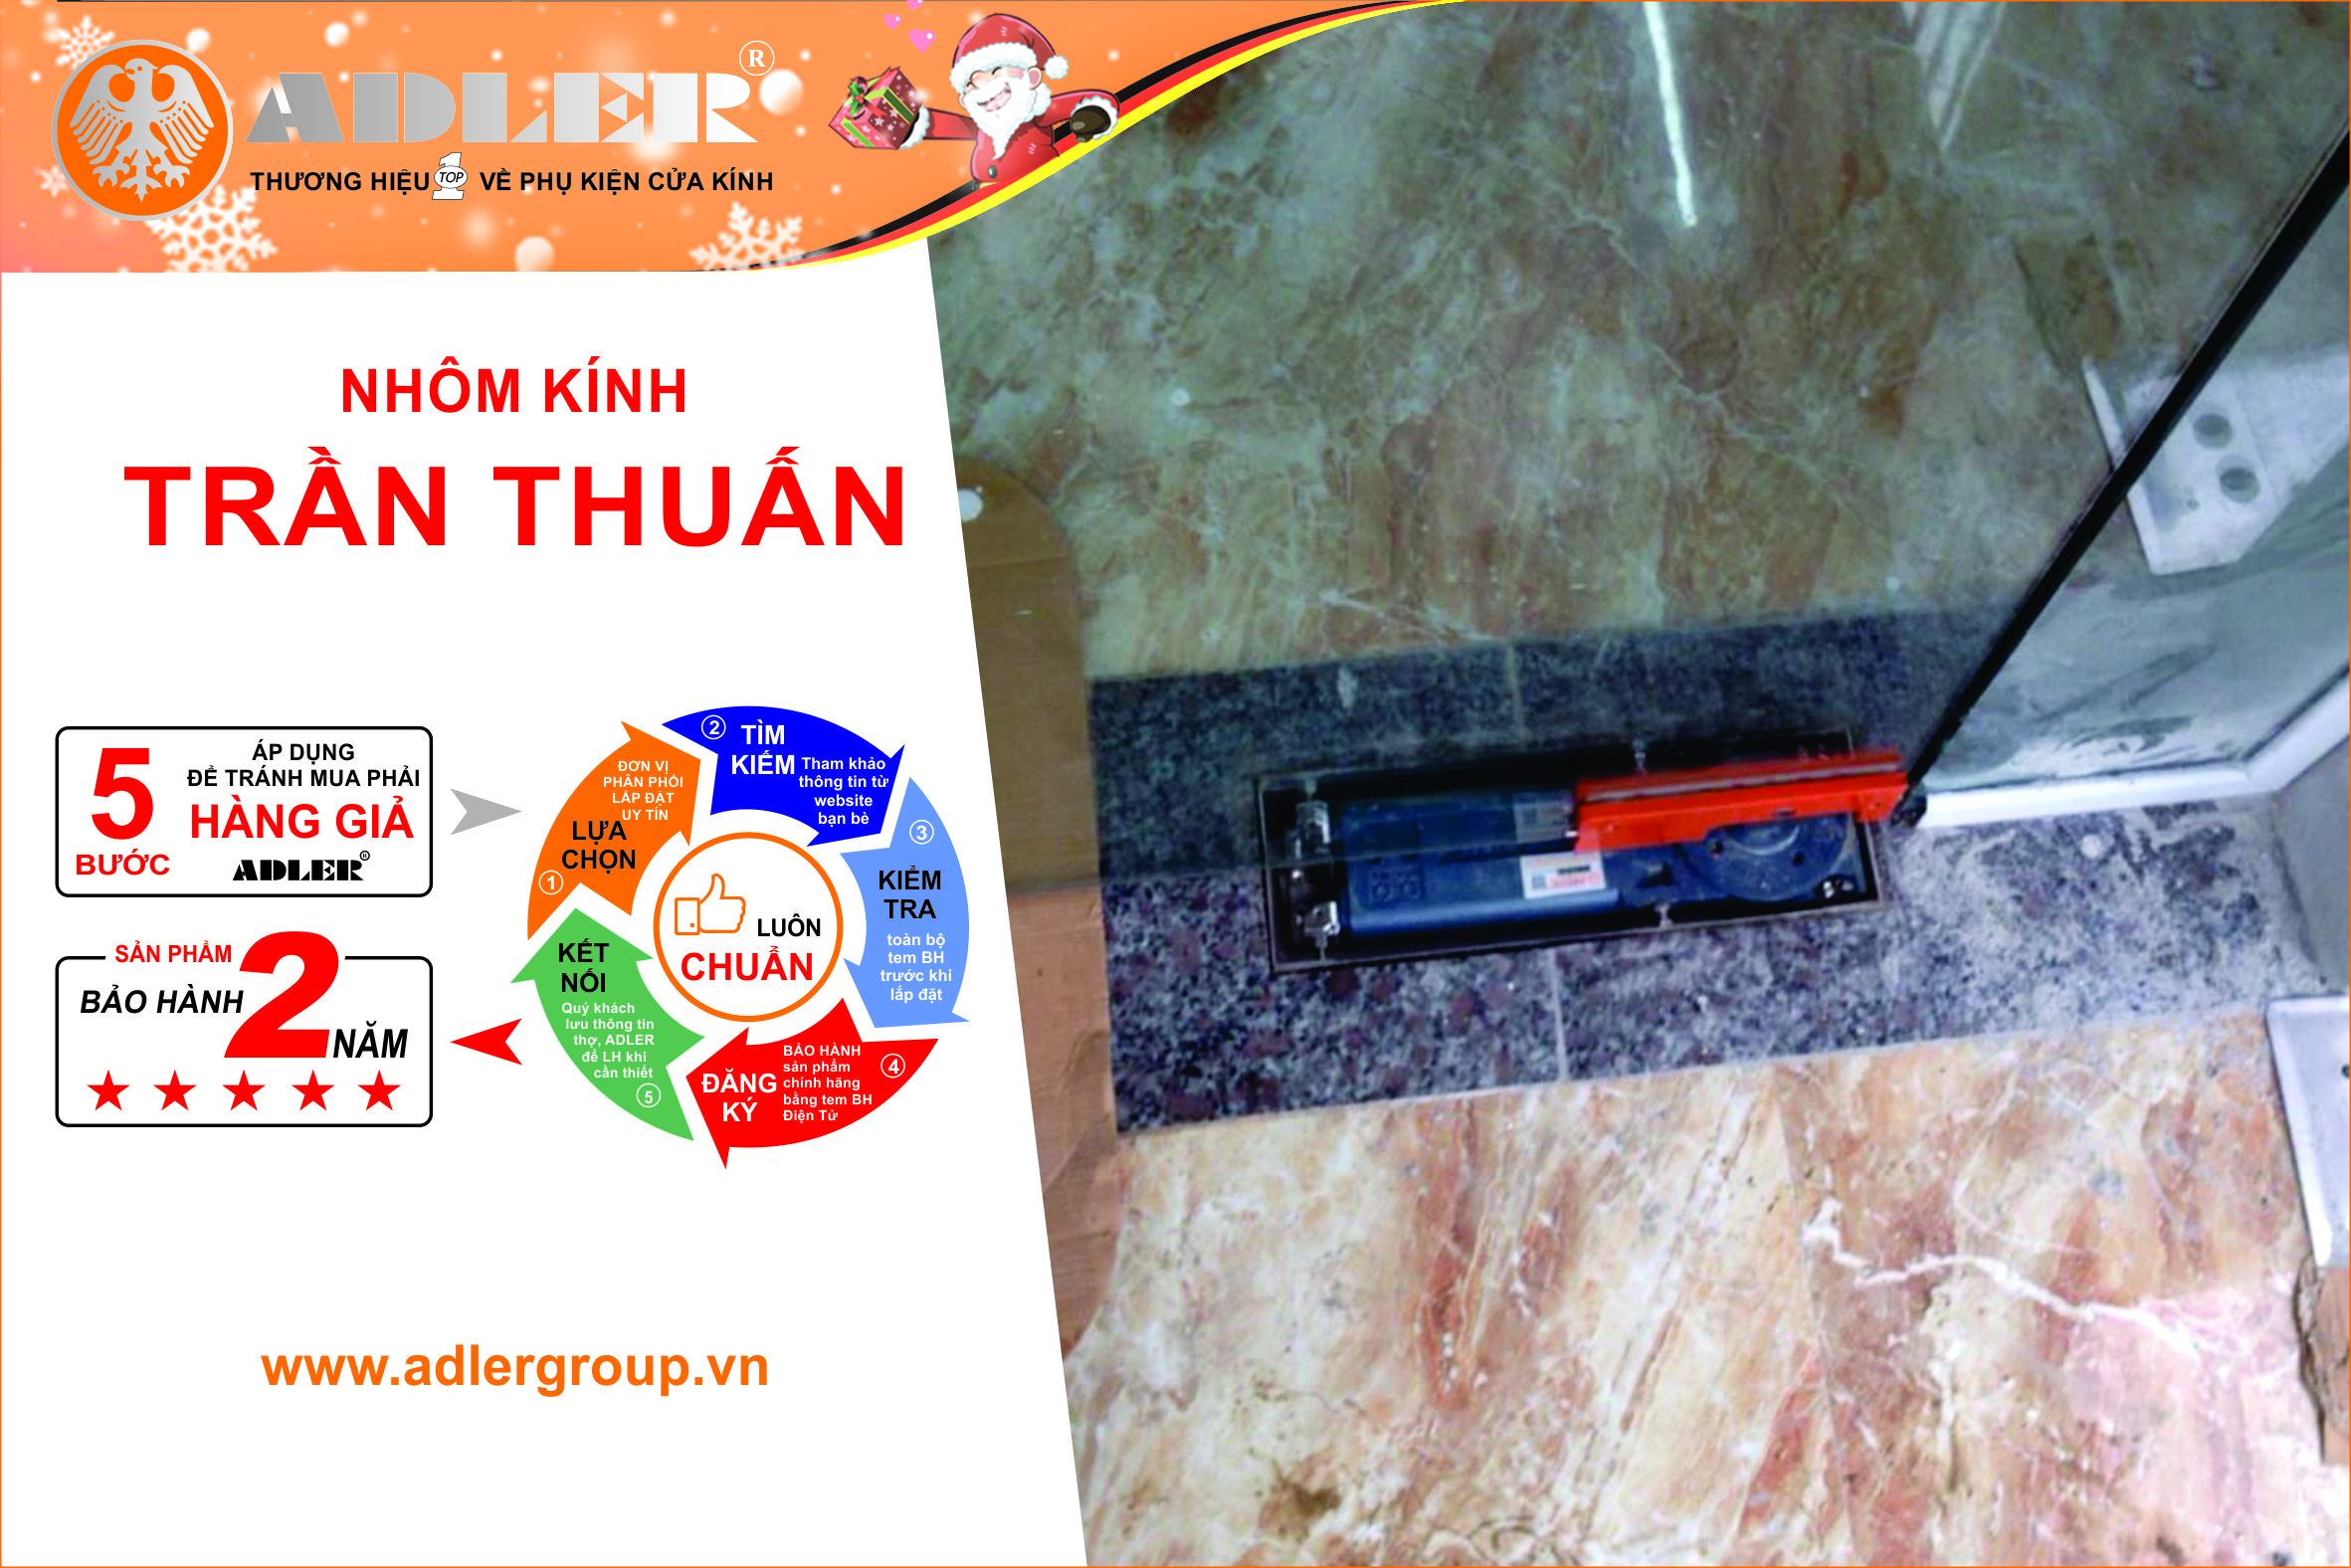 Lắp đặt đồng bộ sản phẩm ADLERluôn là tiêu chí hàng đầu của nhôm kính Trần Thuấn